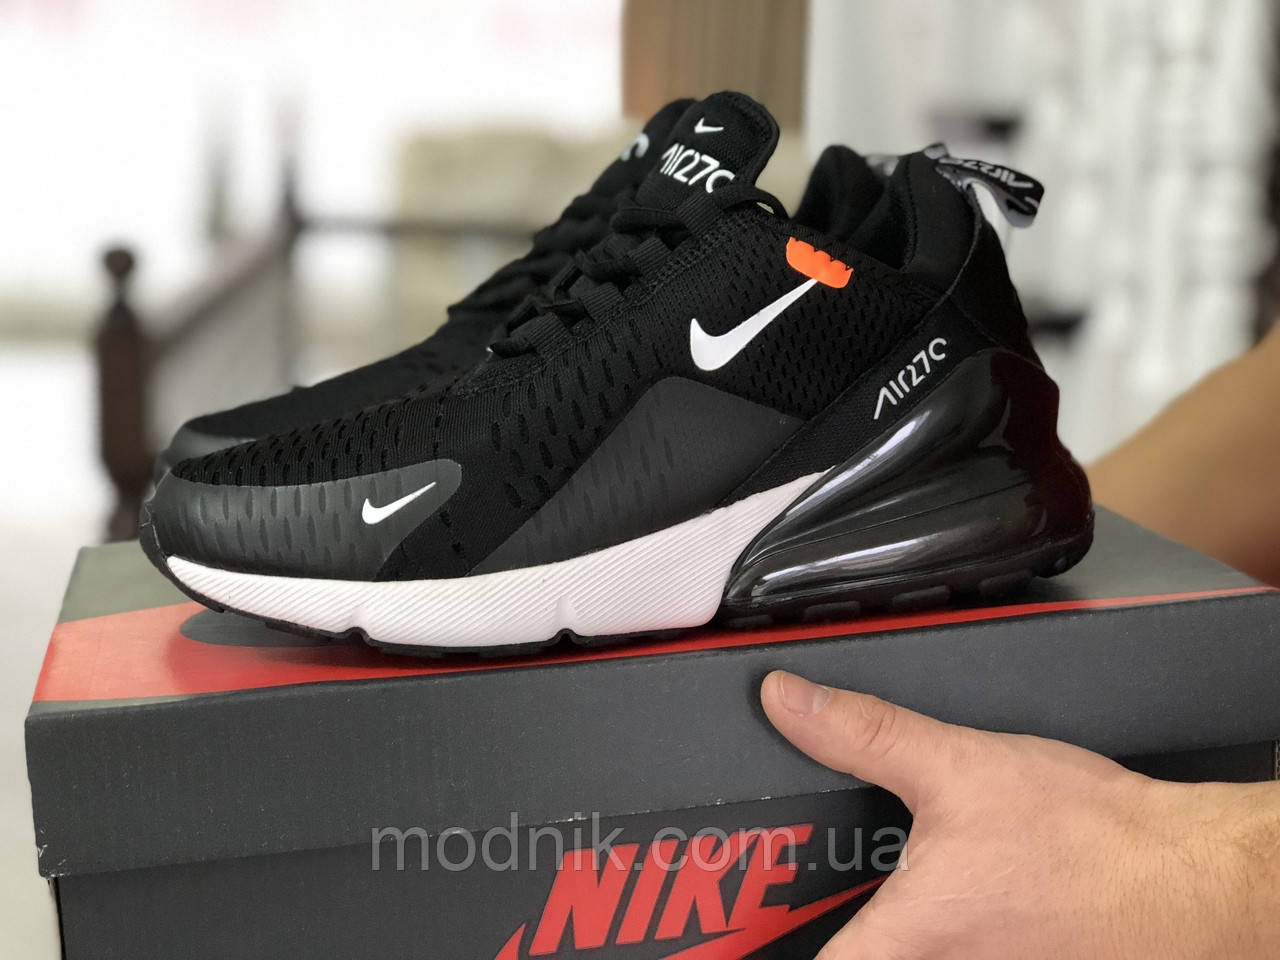 Мужские кроссовки Nike Air Max 270 (черно-белые)